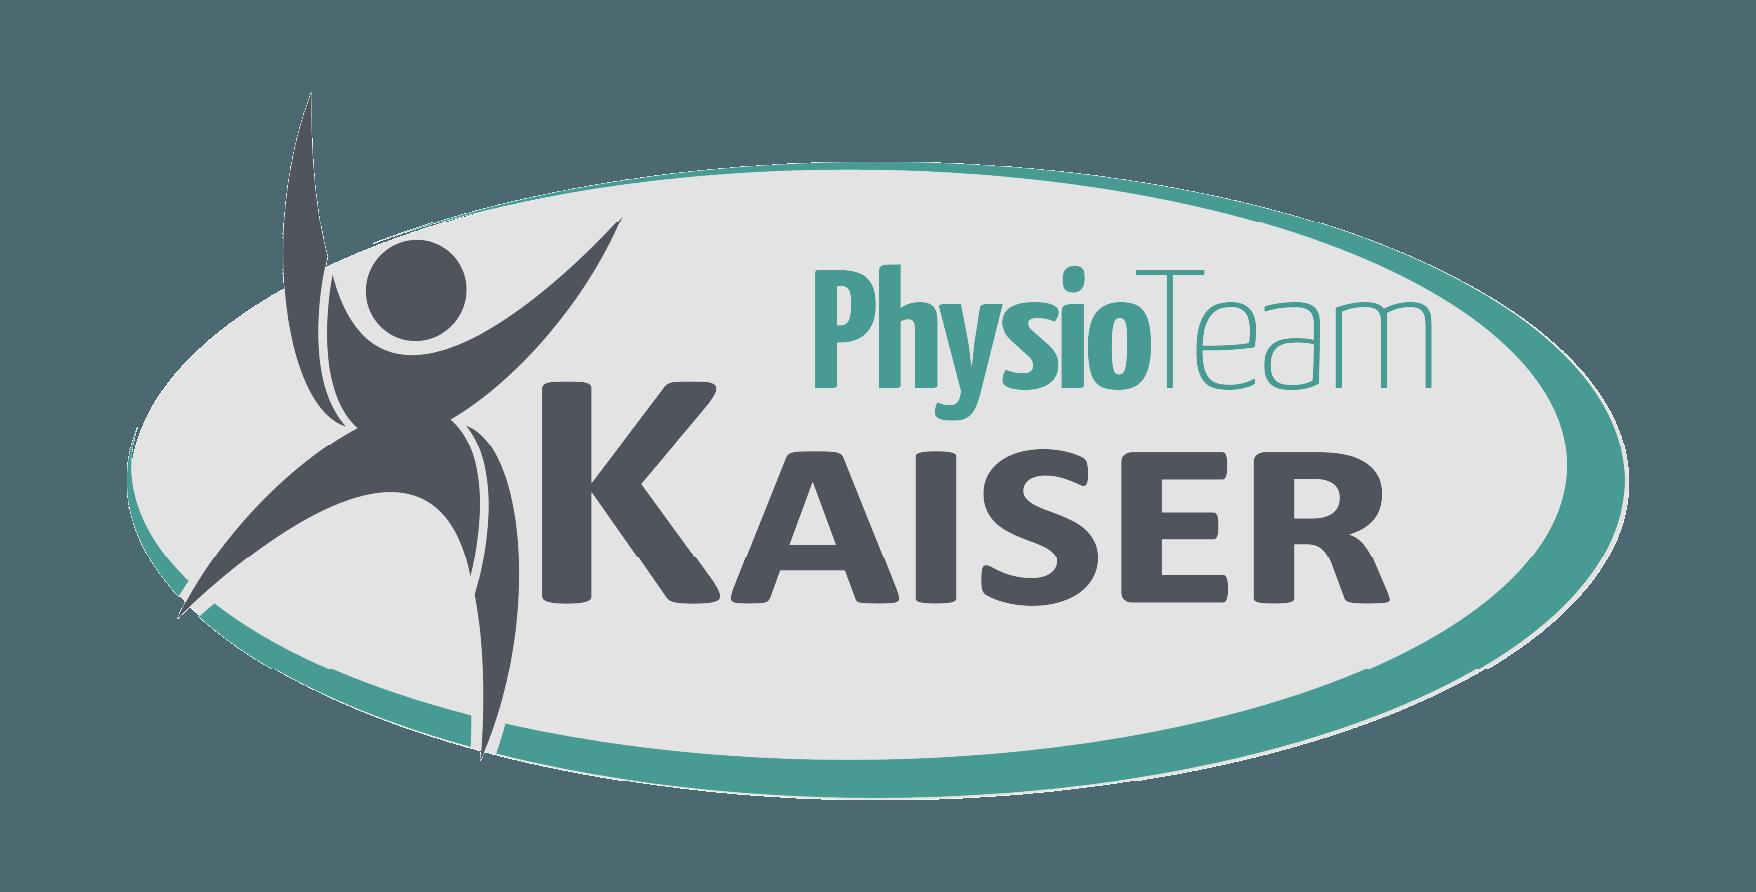 Physioteam Kaiser